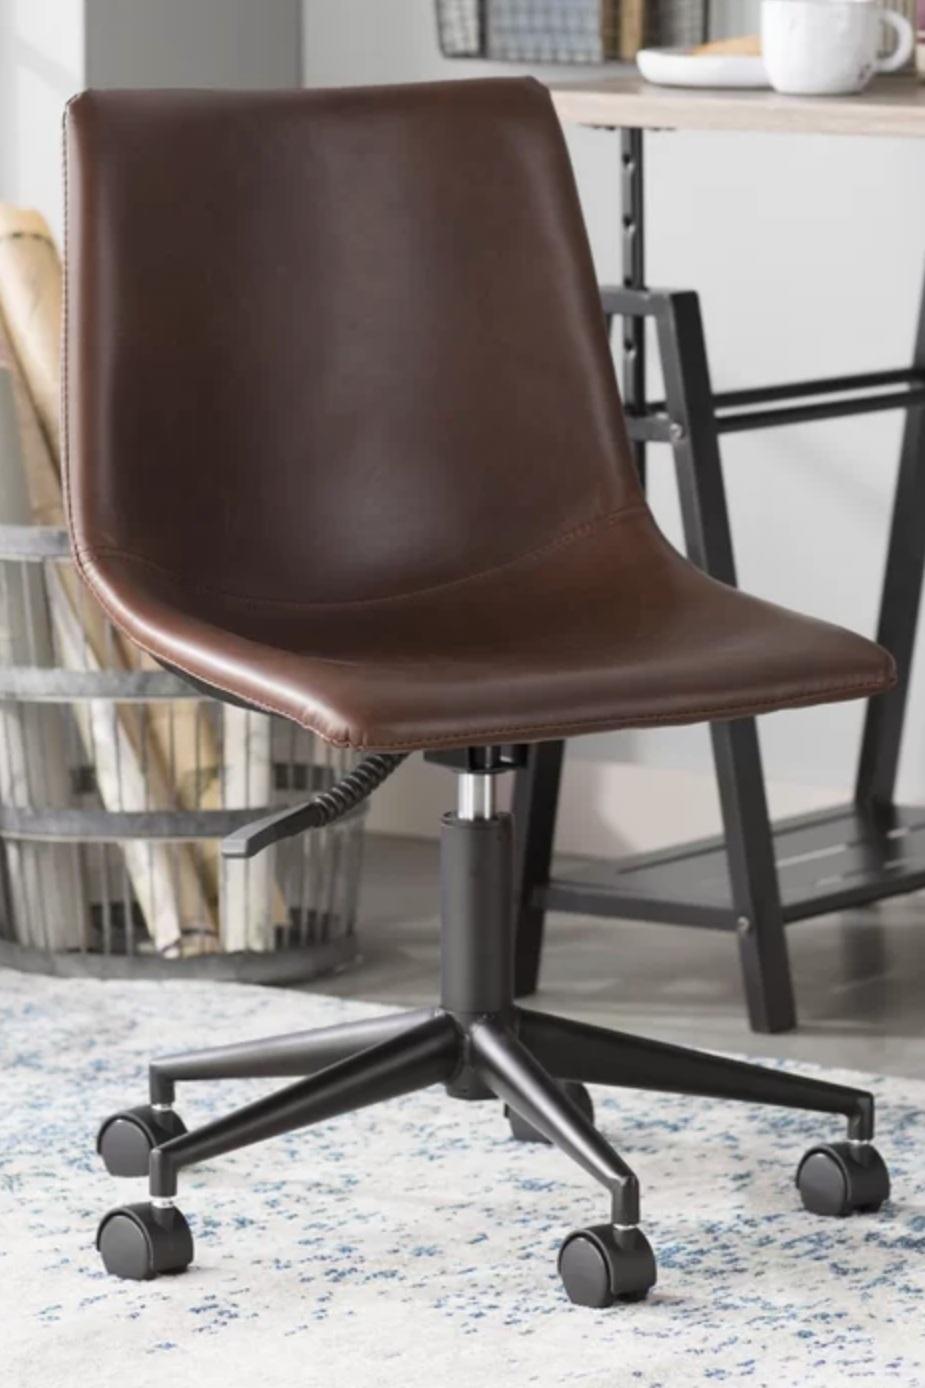 Patternson Smart Desk Chair Dark Brown Leather